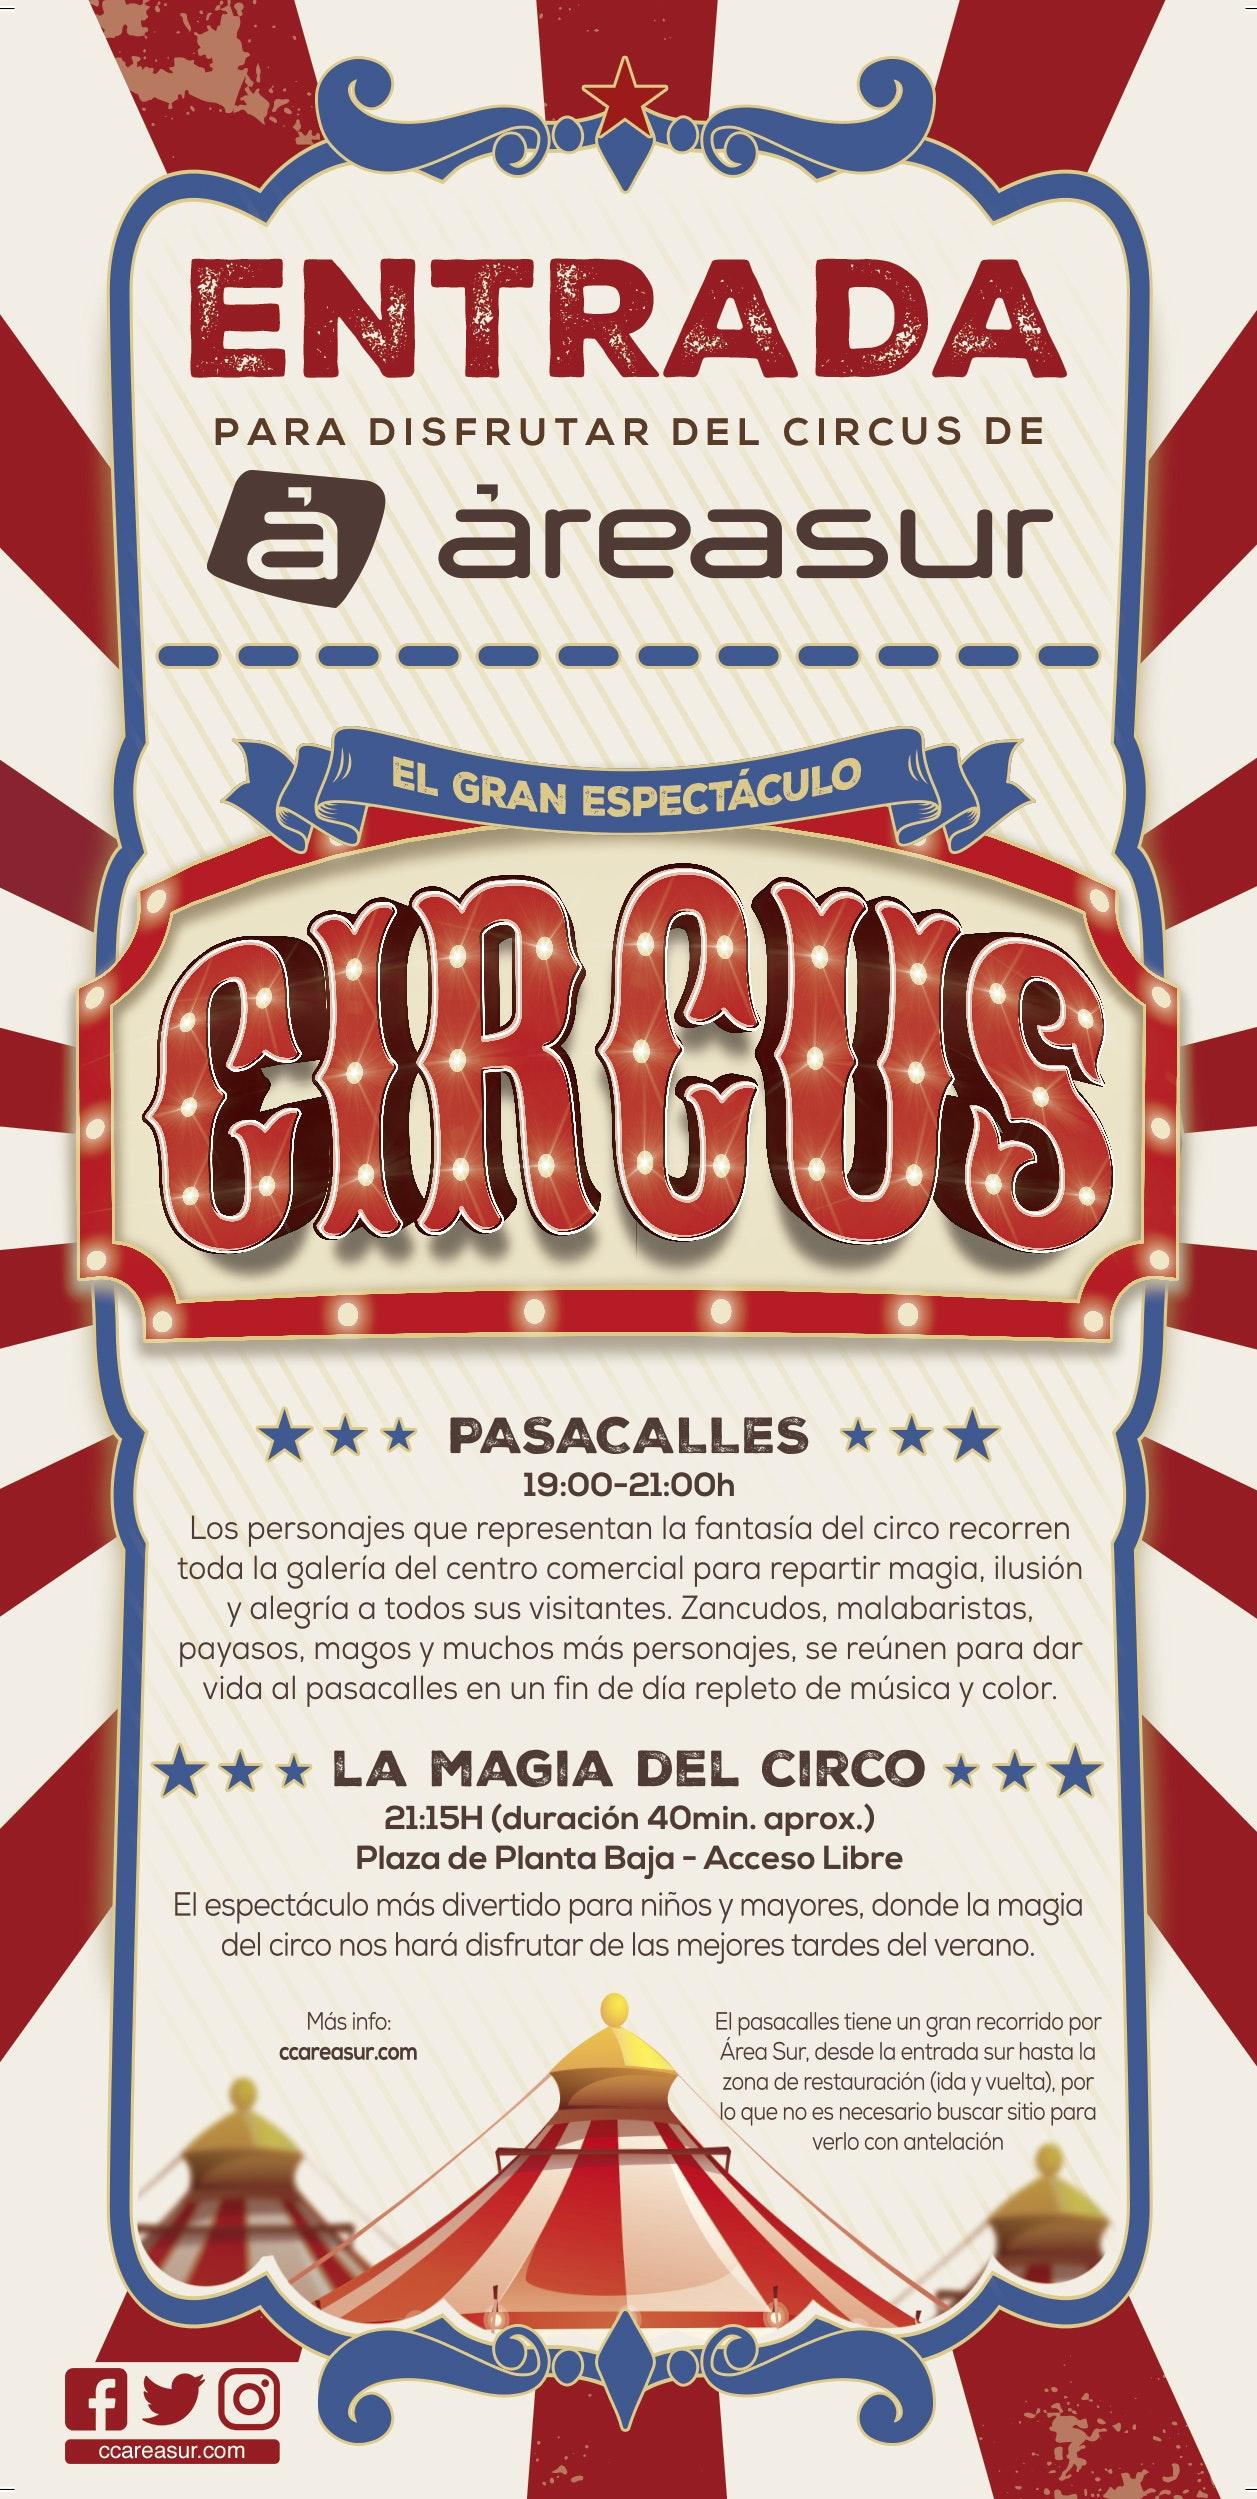 ¡Bienvenidos al espectáculo CIRCUS!